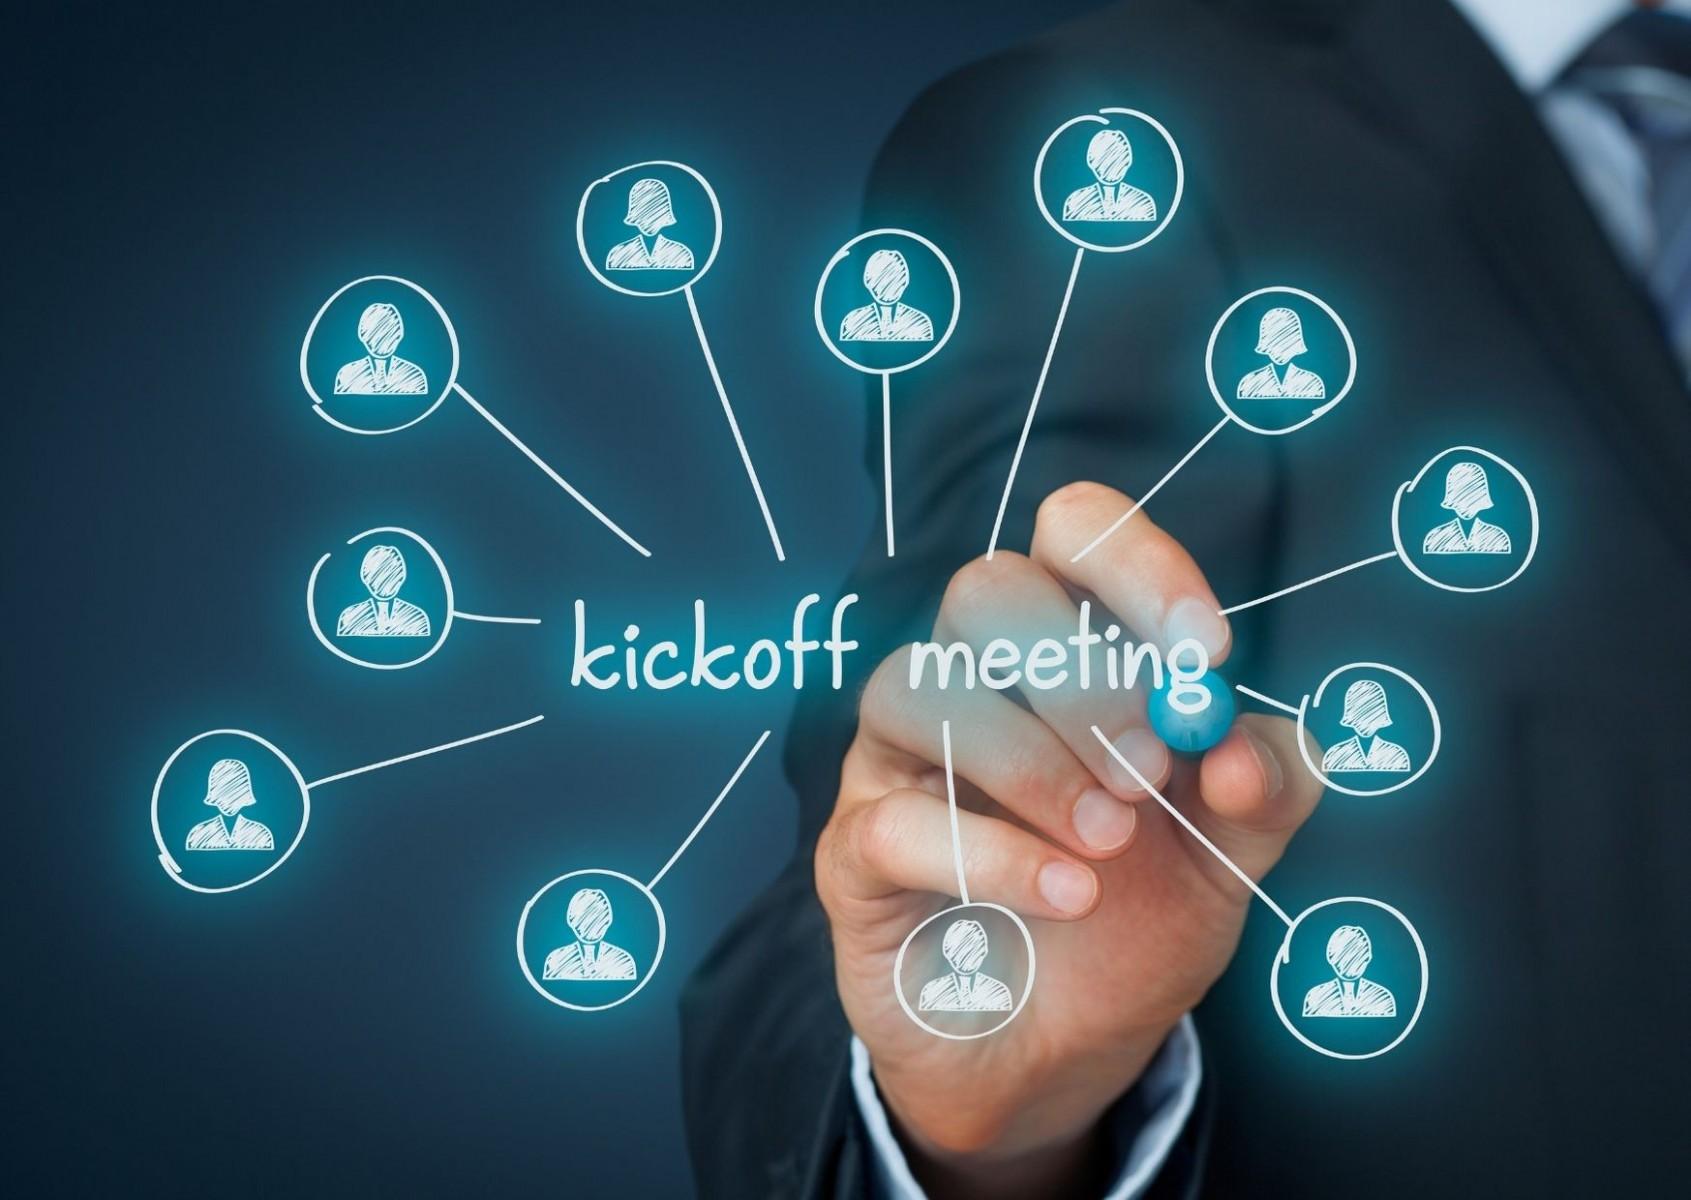 kick-off-meeting-package-2021